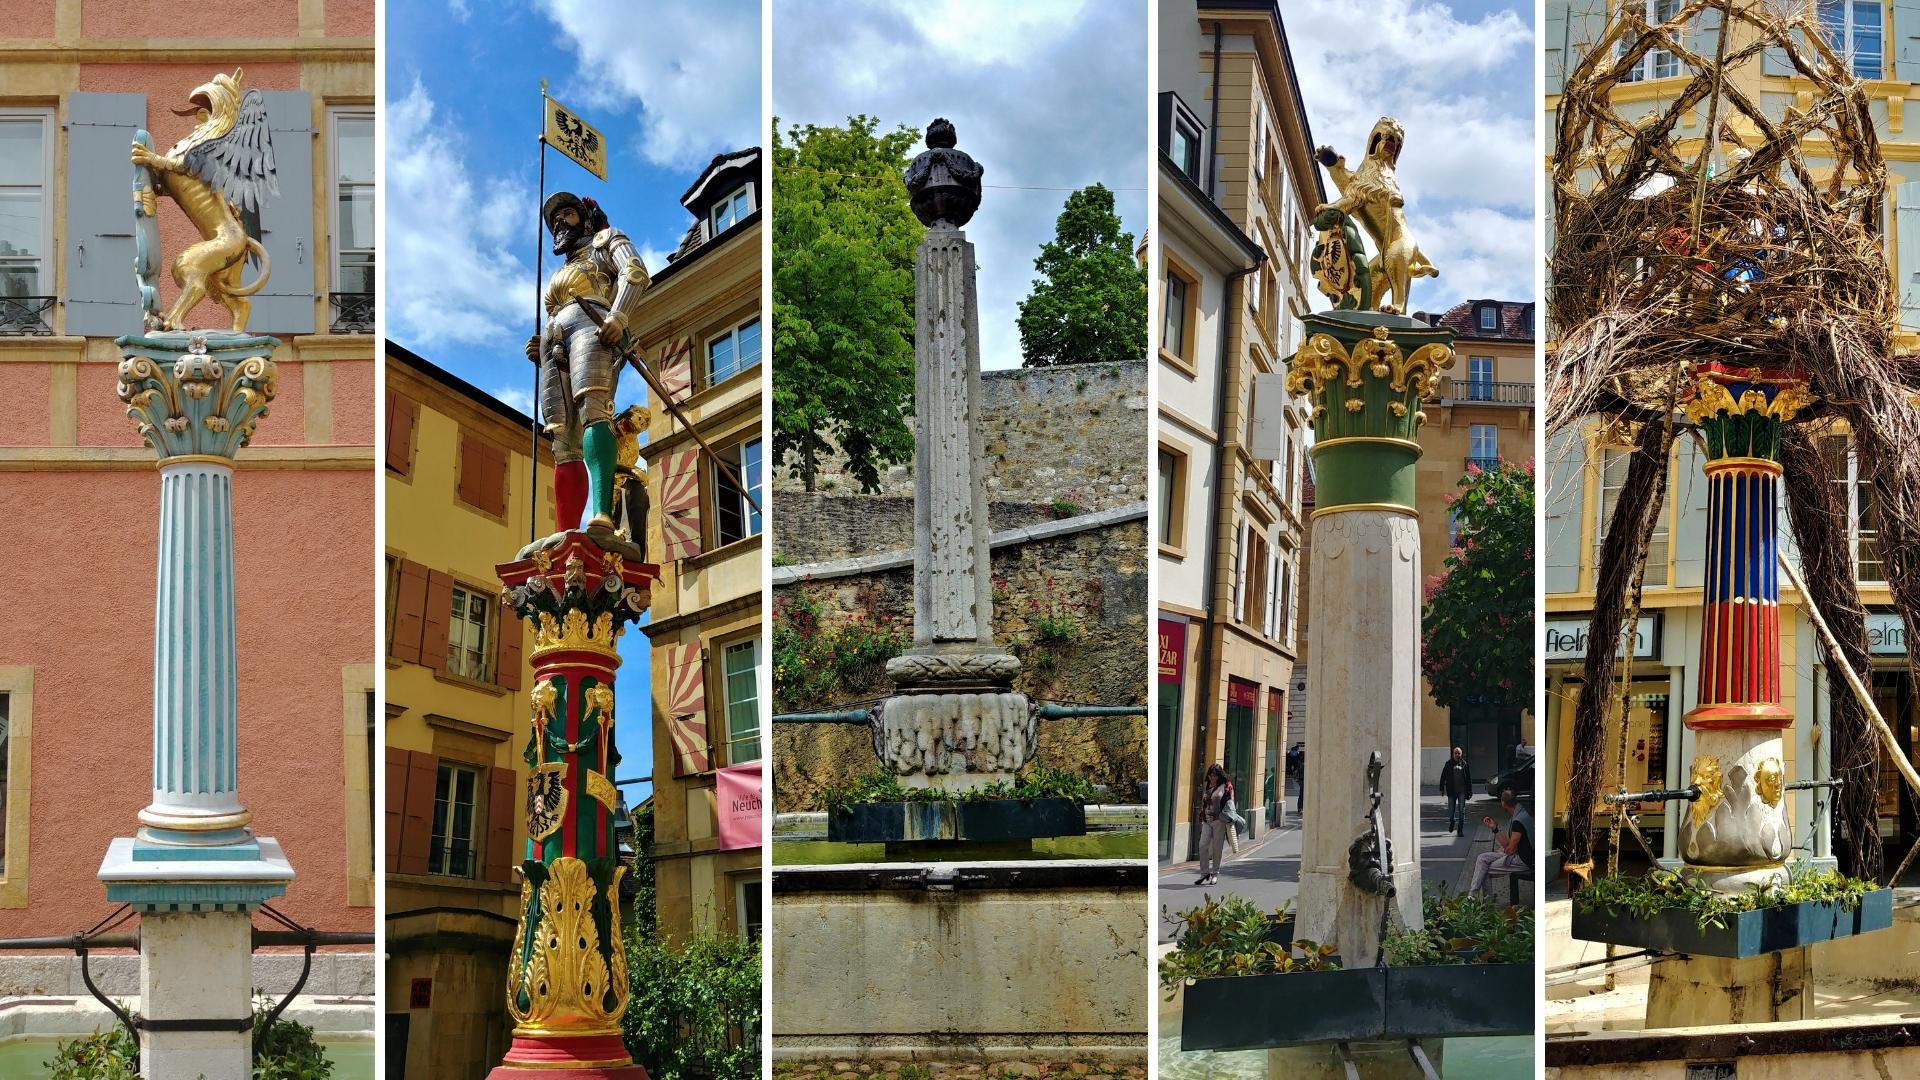 neuchatel fontaines peintes visiter circuit a pied ou dormir visiter suisse romande blog voyage